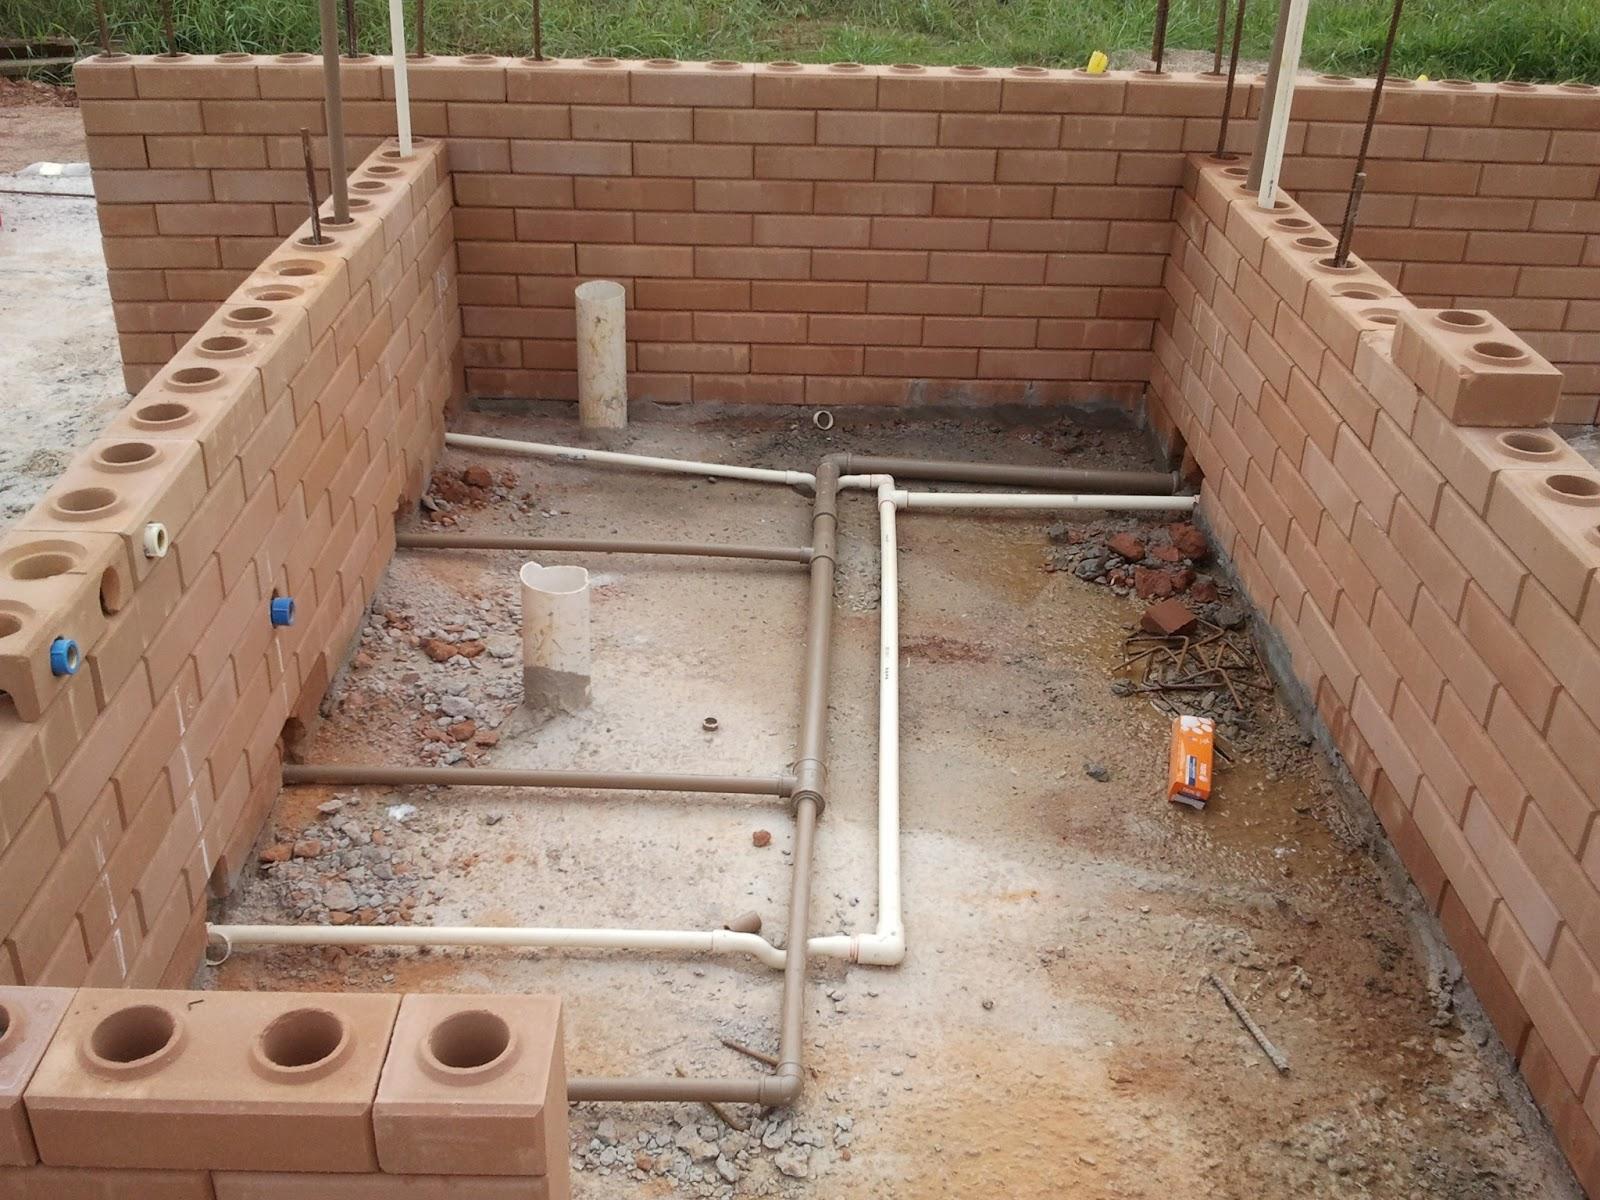 Construindo e Ampliando com Tijolo Solo cimento / Ecológico  #A85A23 1600 1200